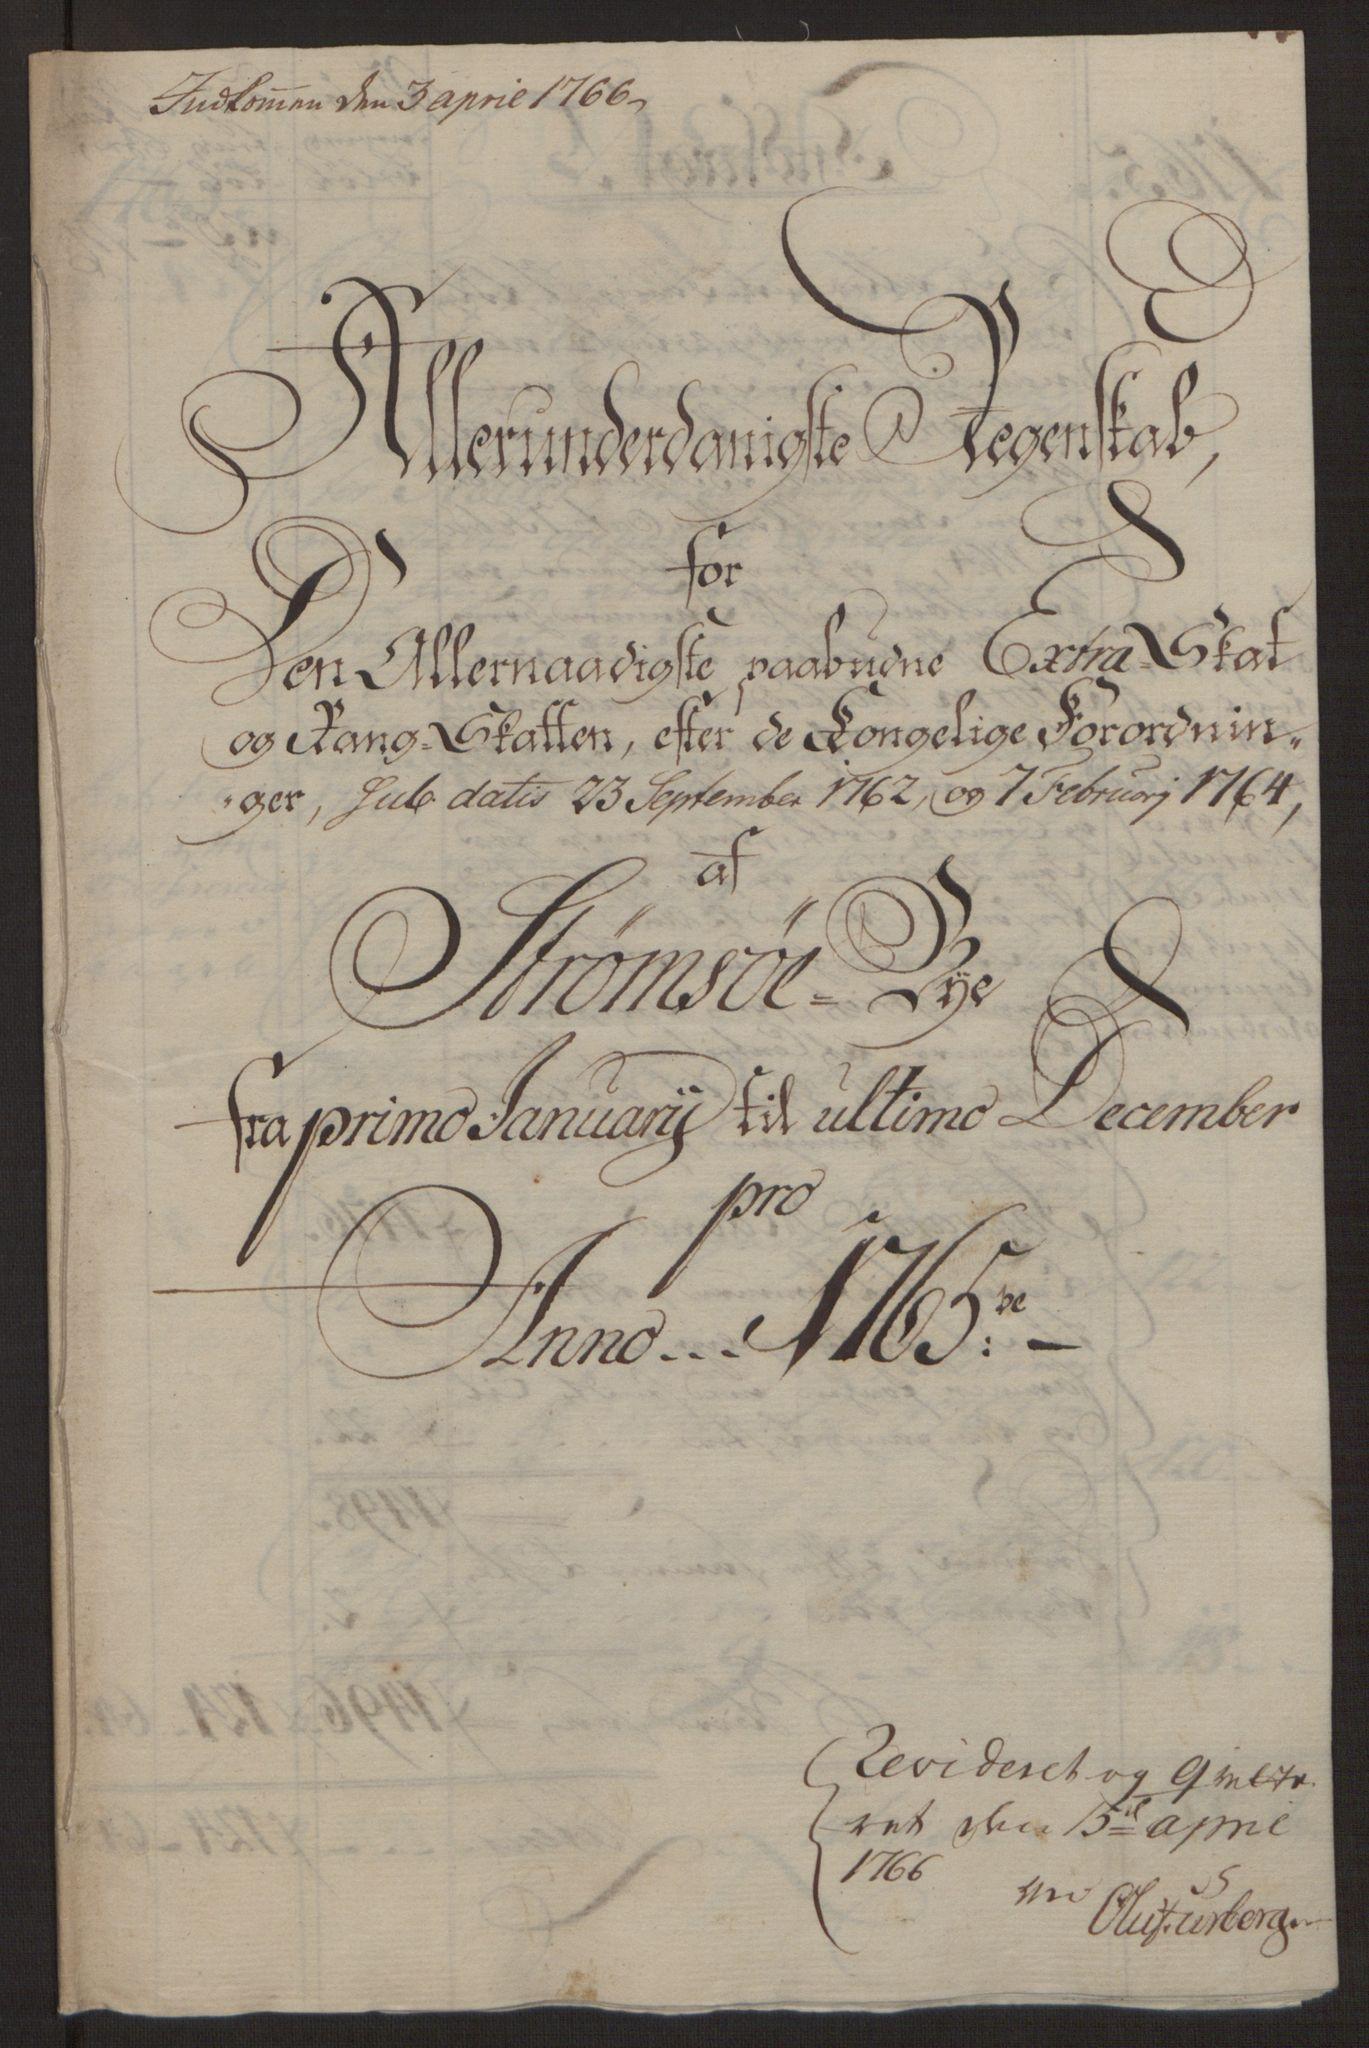 RA, Rentekammeret inntil 1814, Reviderte regnskaper, Byregnskaper, R/Rg/L0144: [G4] Kontribusjonsregnskap, 1762-1767, s. 323